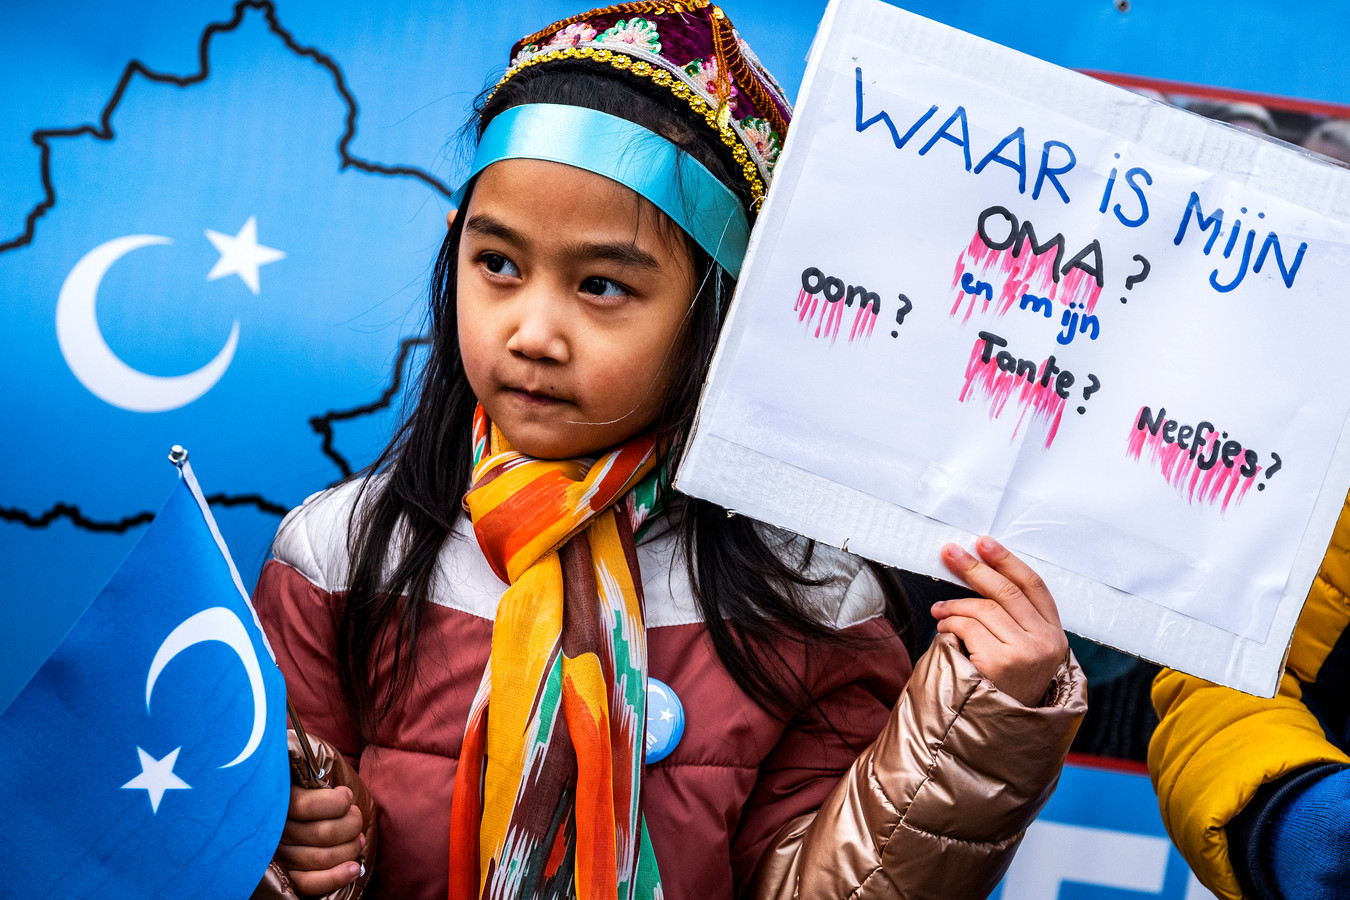 Protest van Oeigoeren op de Dam in Amsterdam eind 2019. Ze demonstreren tegen het feit dat de moslim-minderheid in het westen van China het leven moeilijk wordt gemaakt.